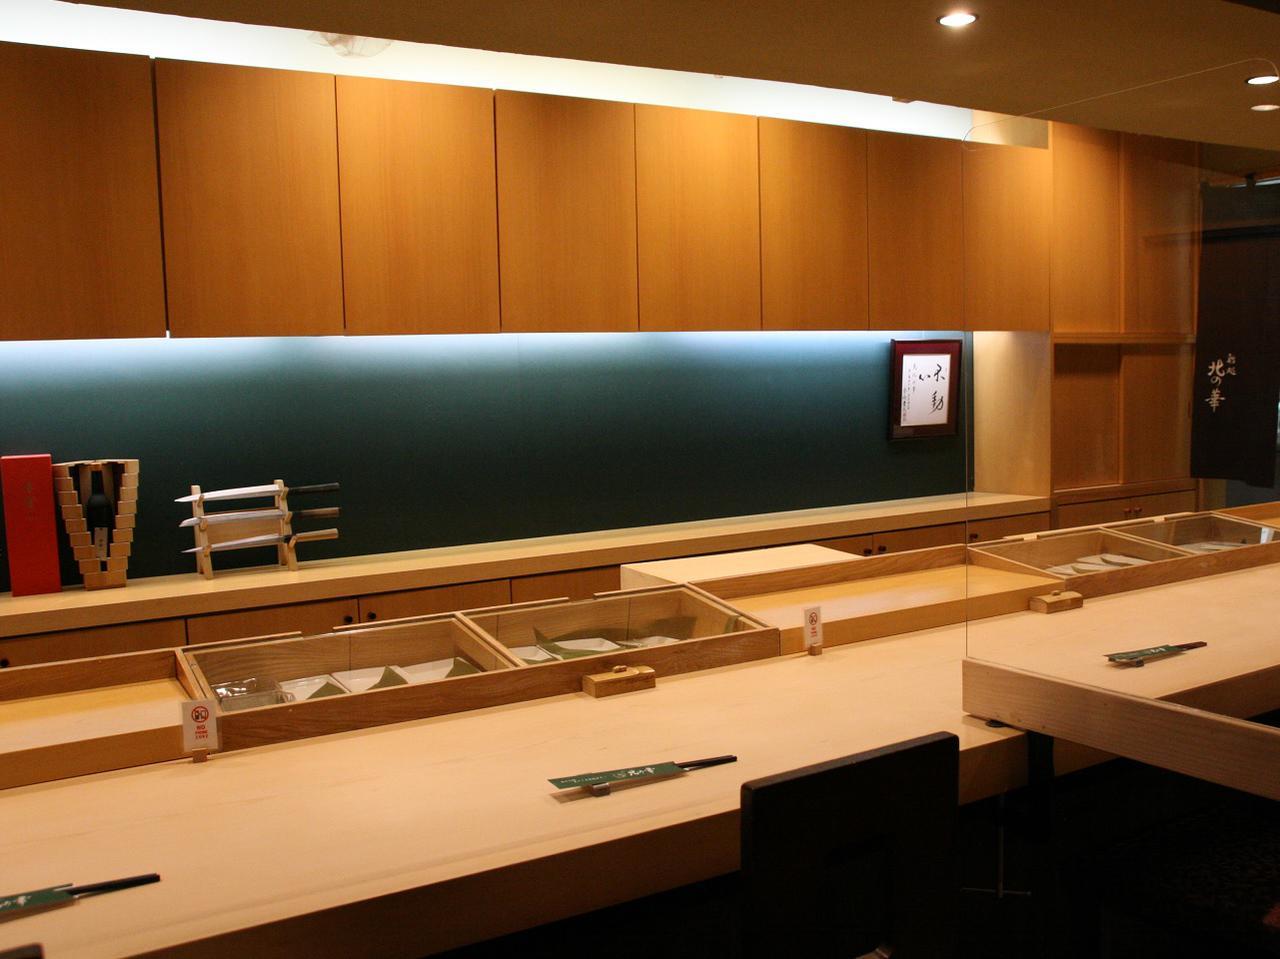 画像: 檜の一枚板を用いた、堂々たるカウンター。その他、個室タイプの小上がり席も